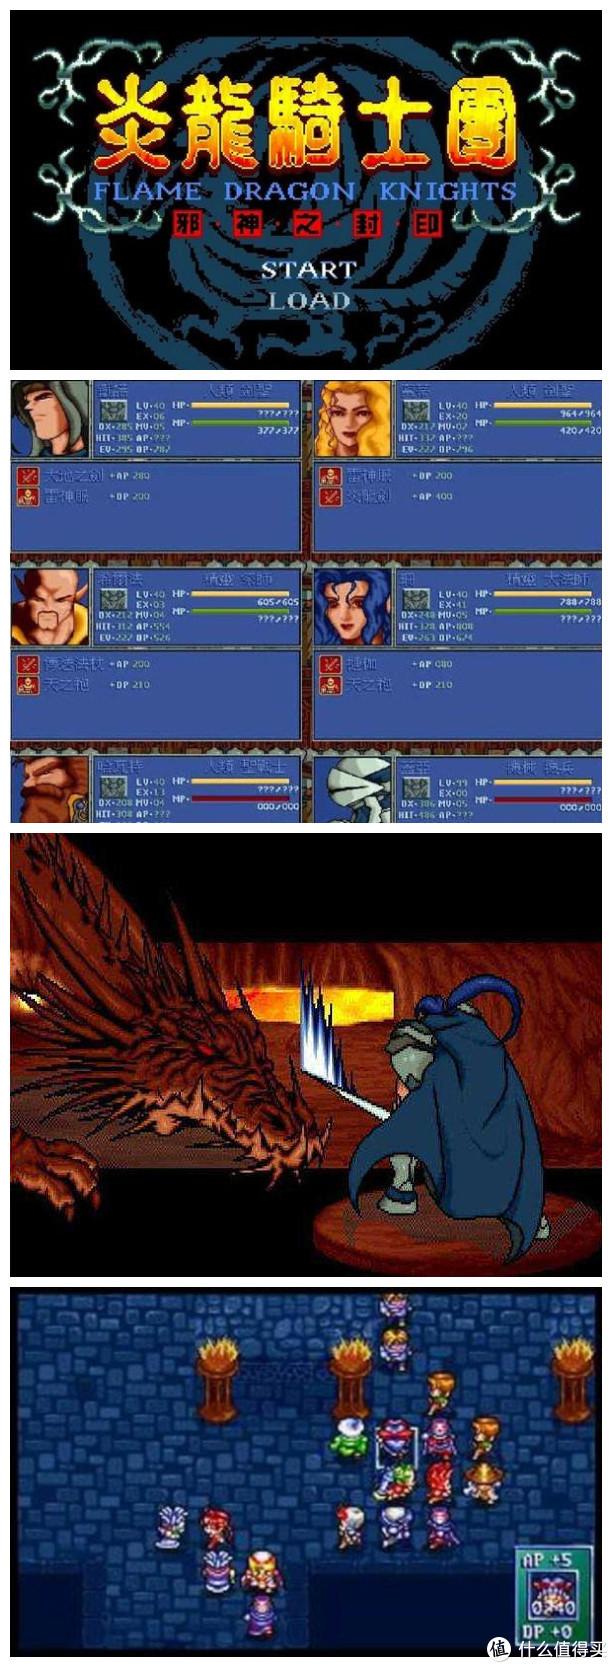 炎龙骑士团三部曲也算是90年代中期同类游戏中的翘楚了